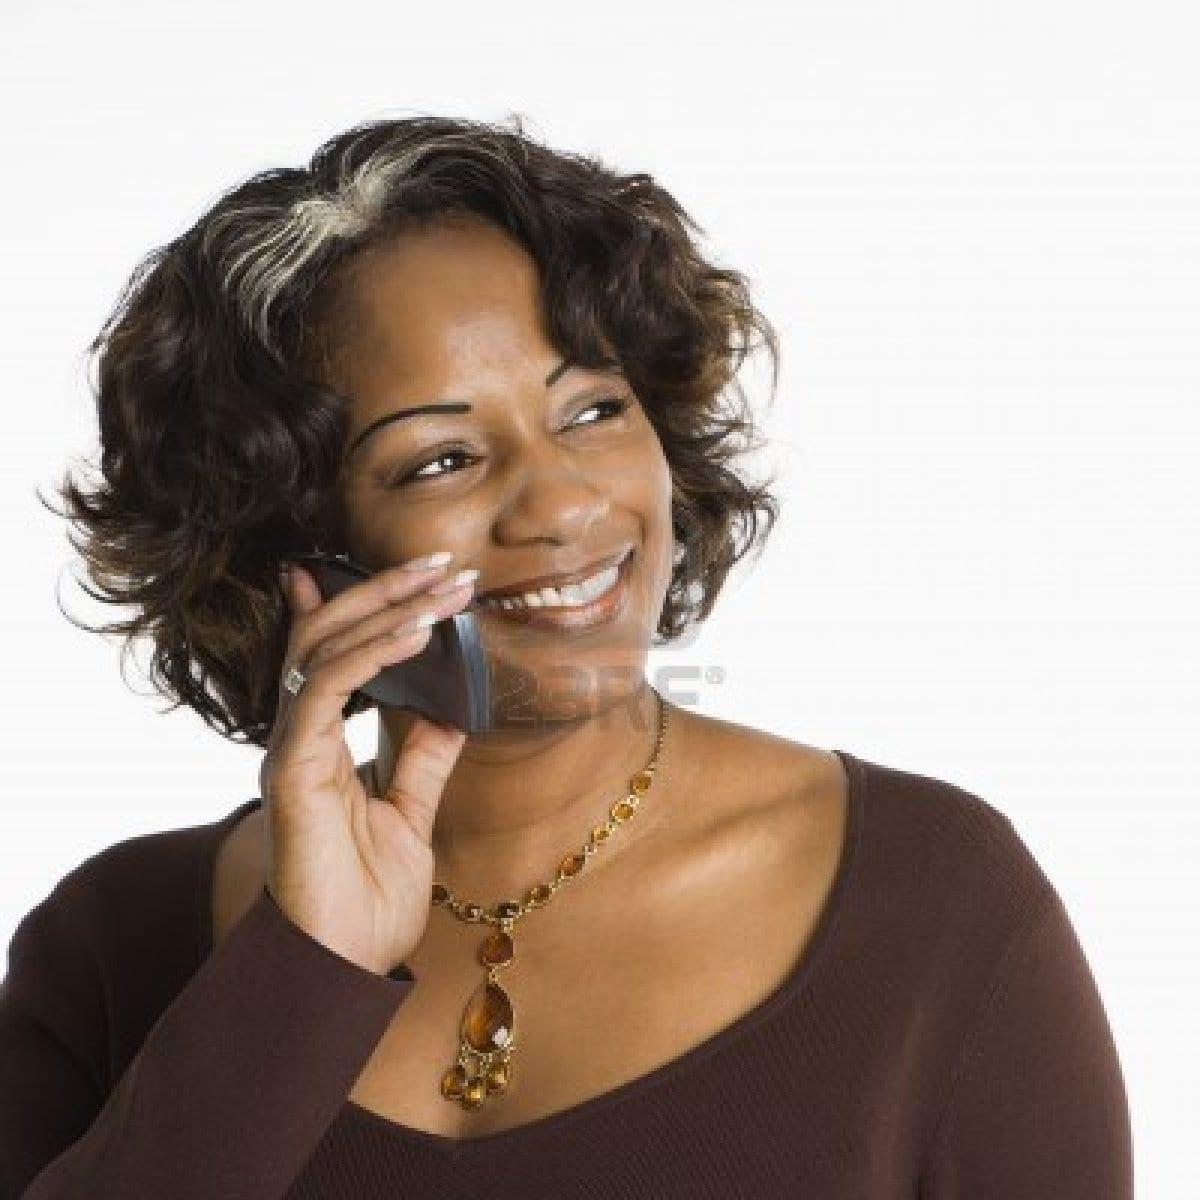 2115261-portrait-de-femme-tenant-telephone-a-l-39-oreille-et-souriant